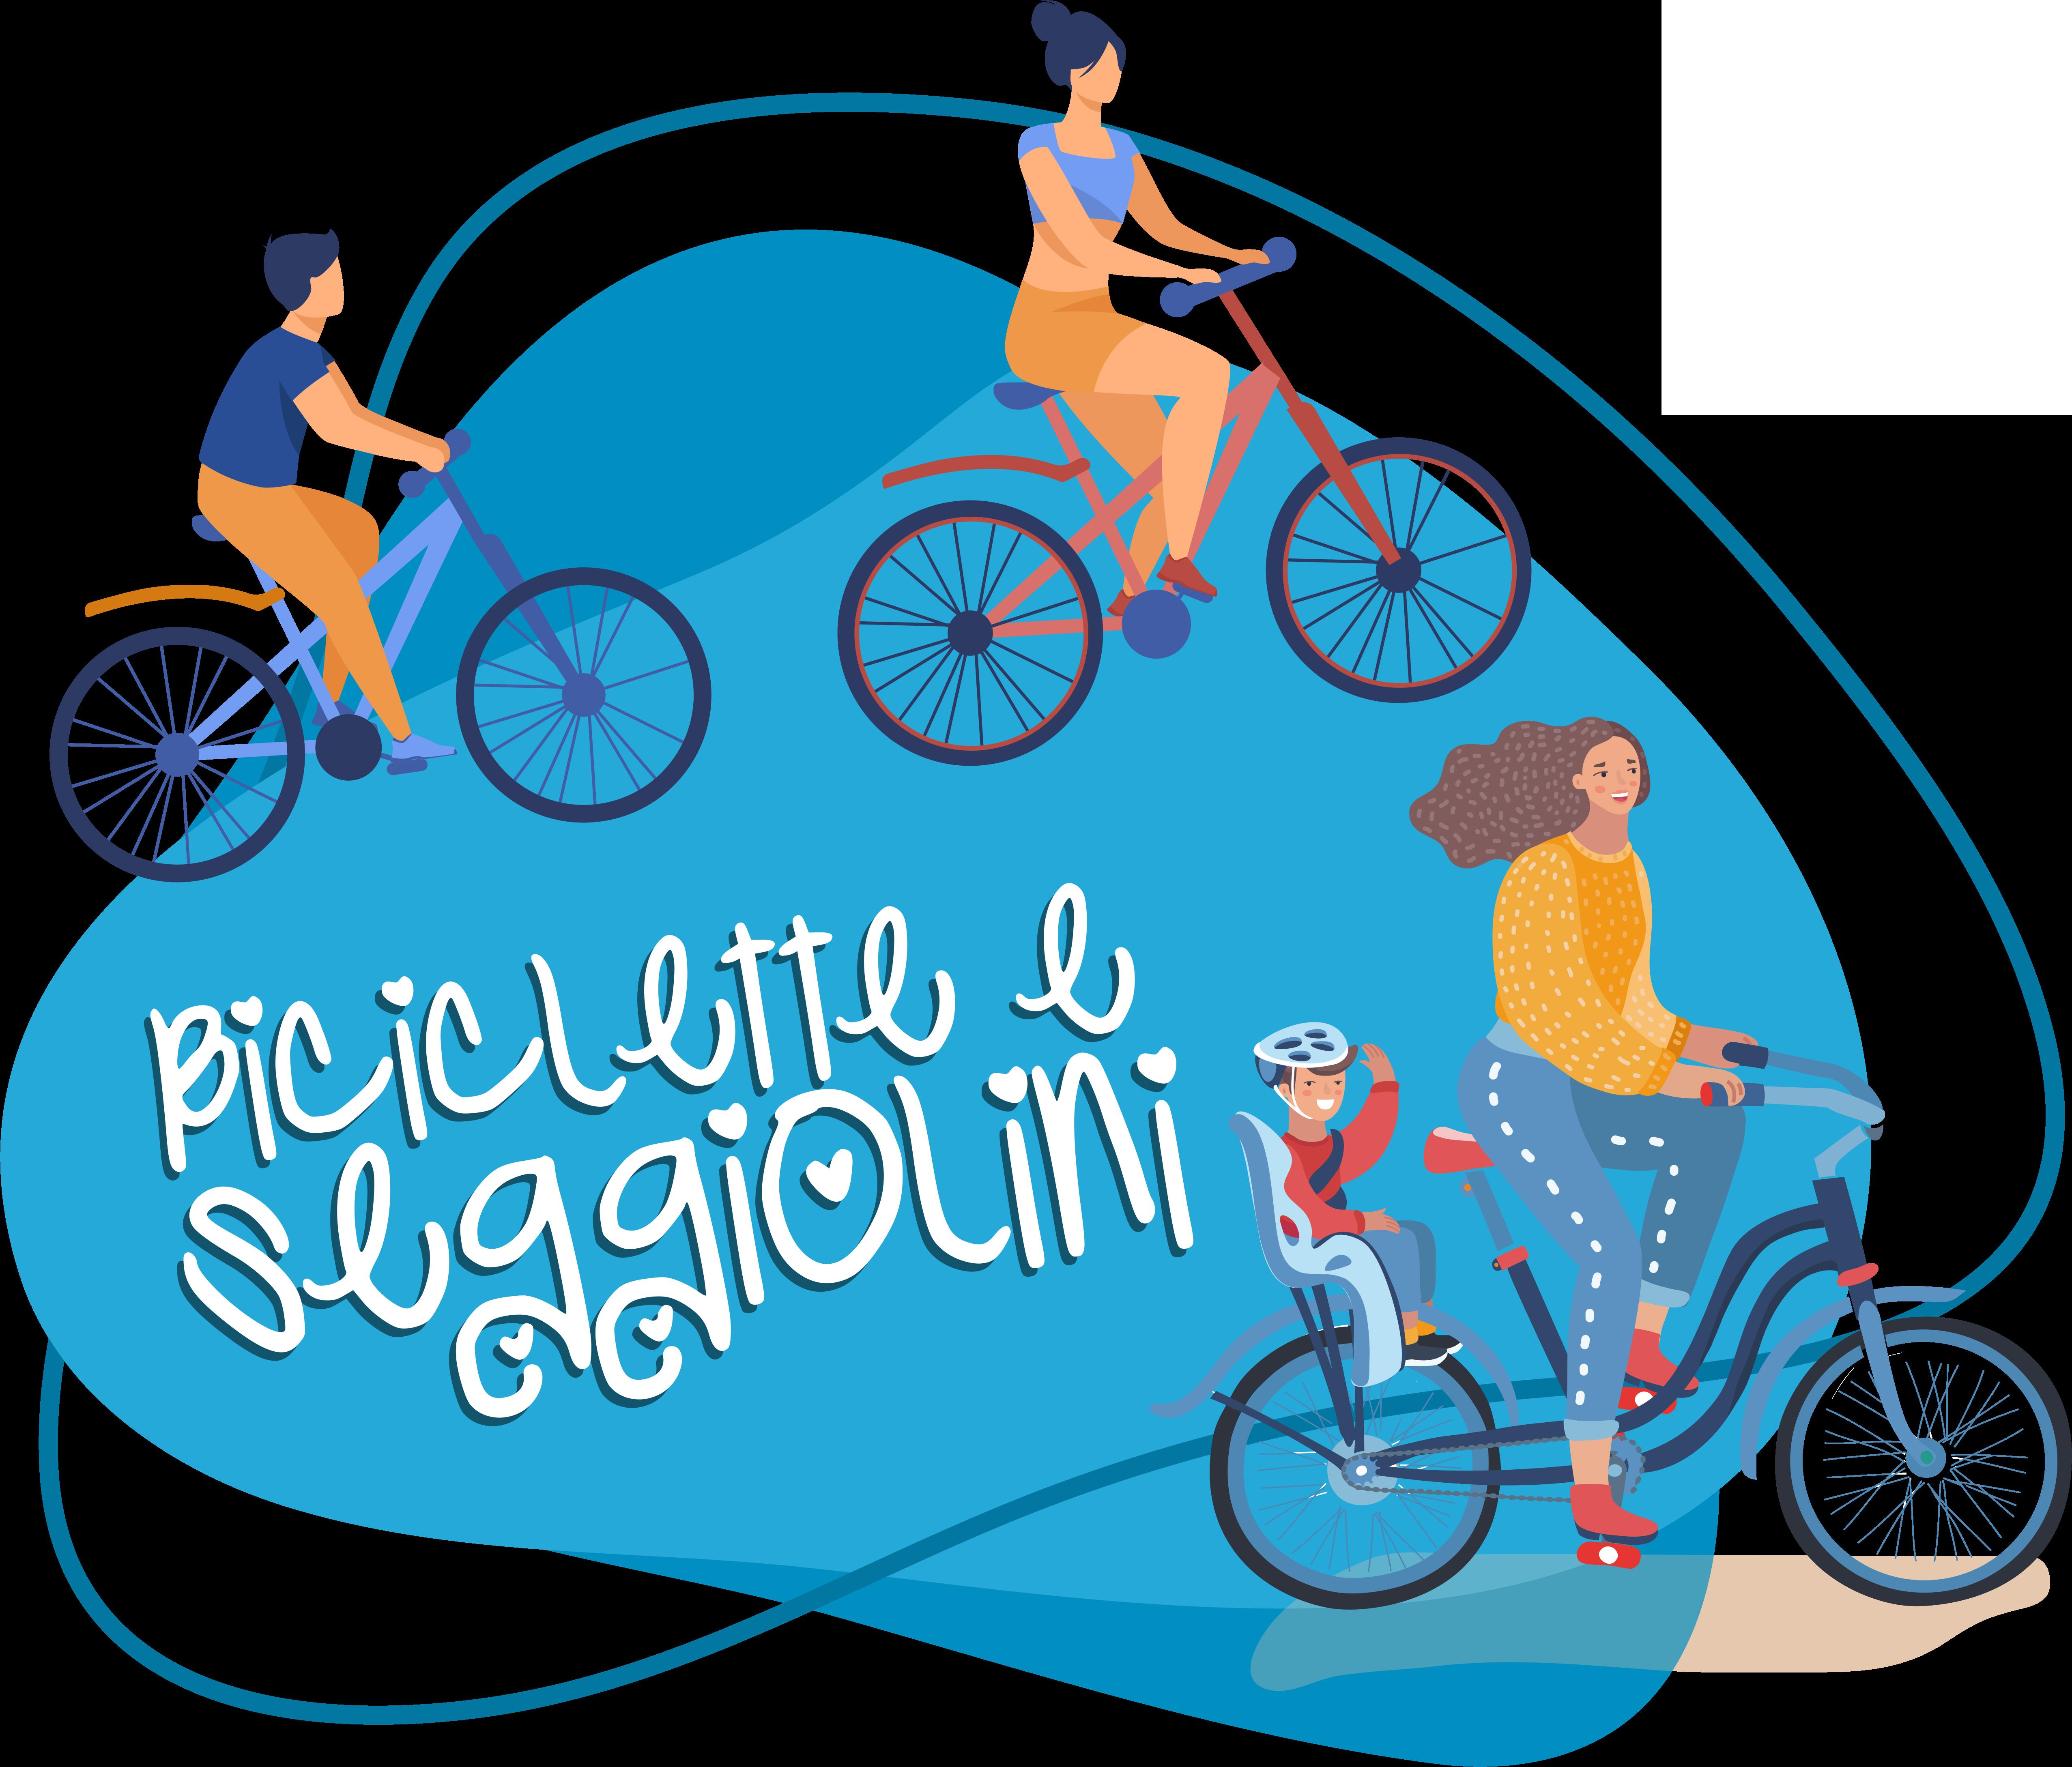 Biciclette con seggiolini